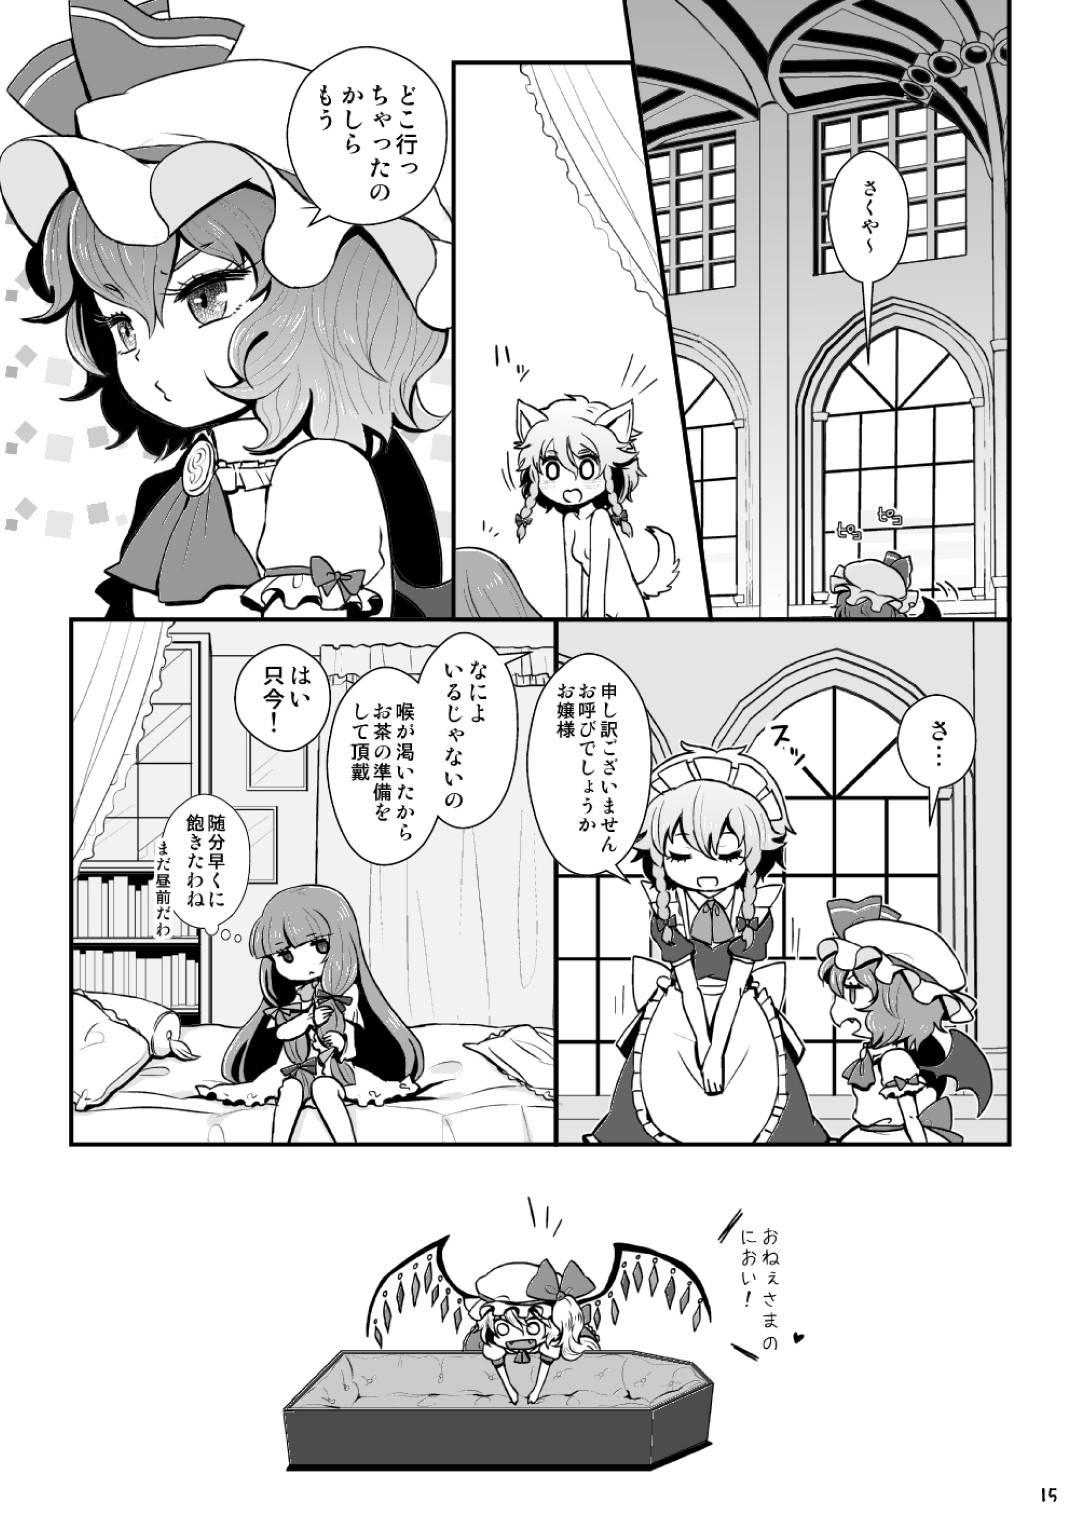 【東方Projectエロ漫画】パチュリーに気分転換を提案された咲夜は、ペニバンを装着されレズプレイ【KTY】